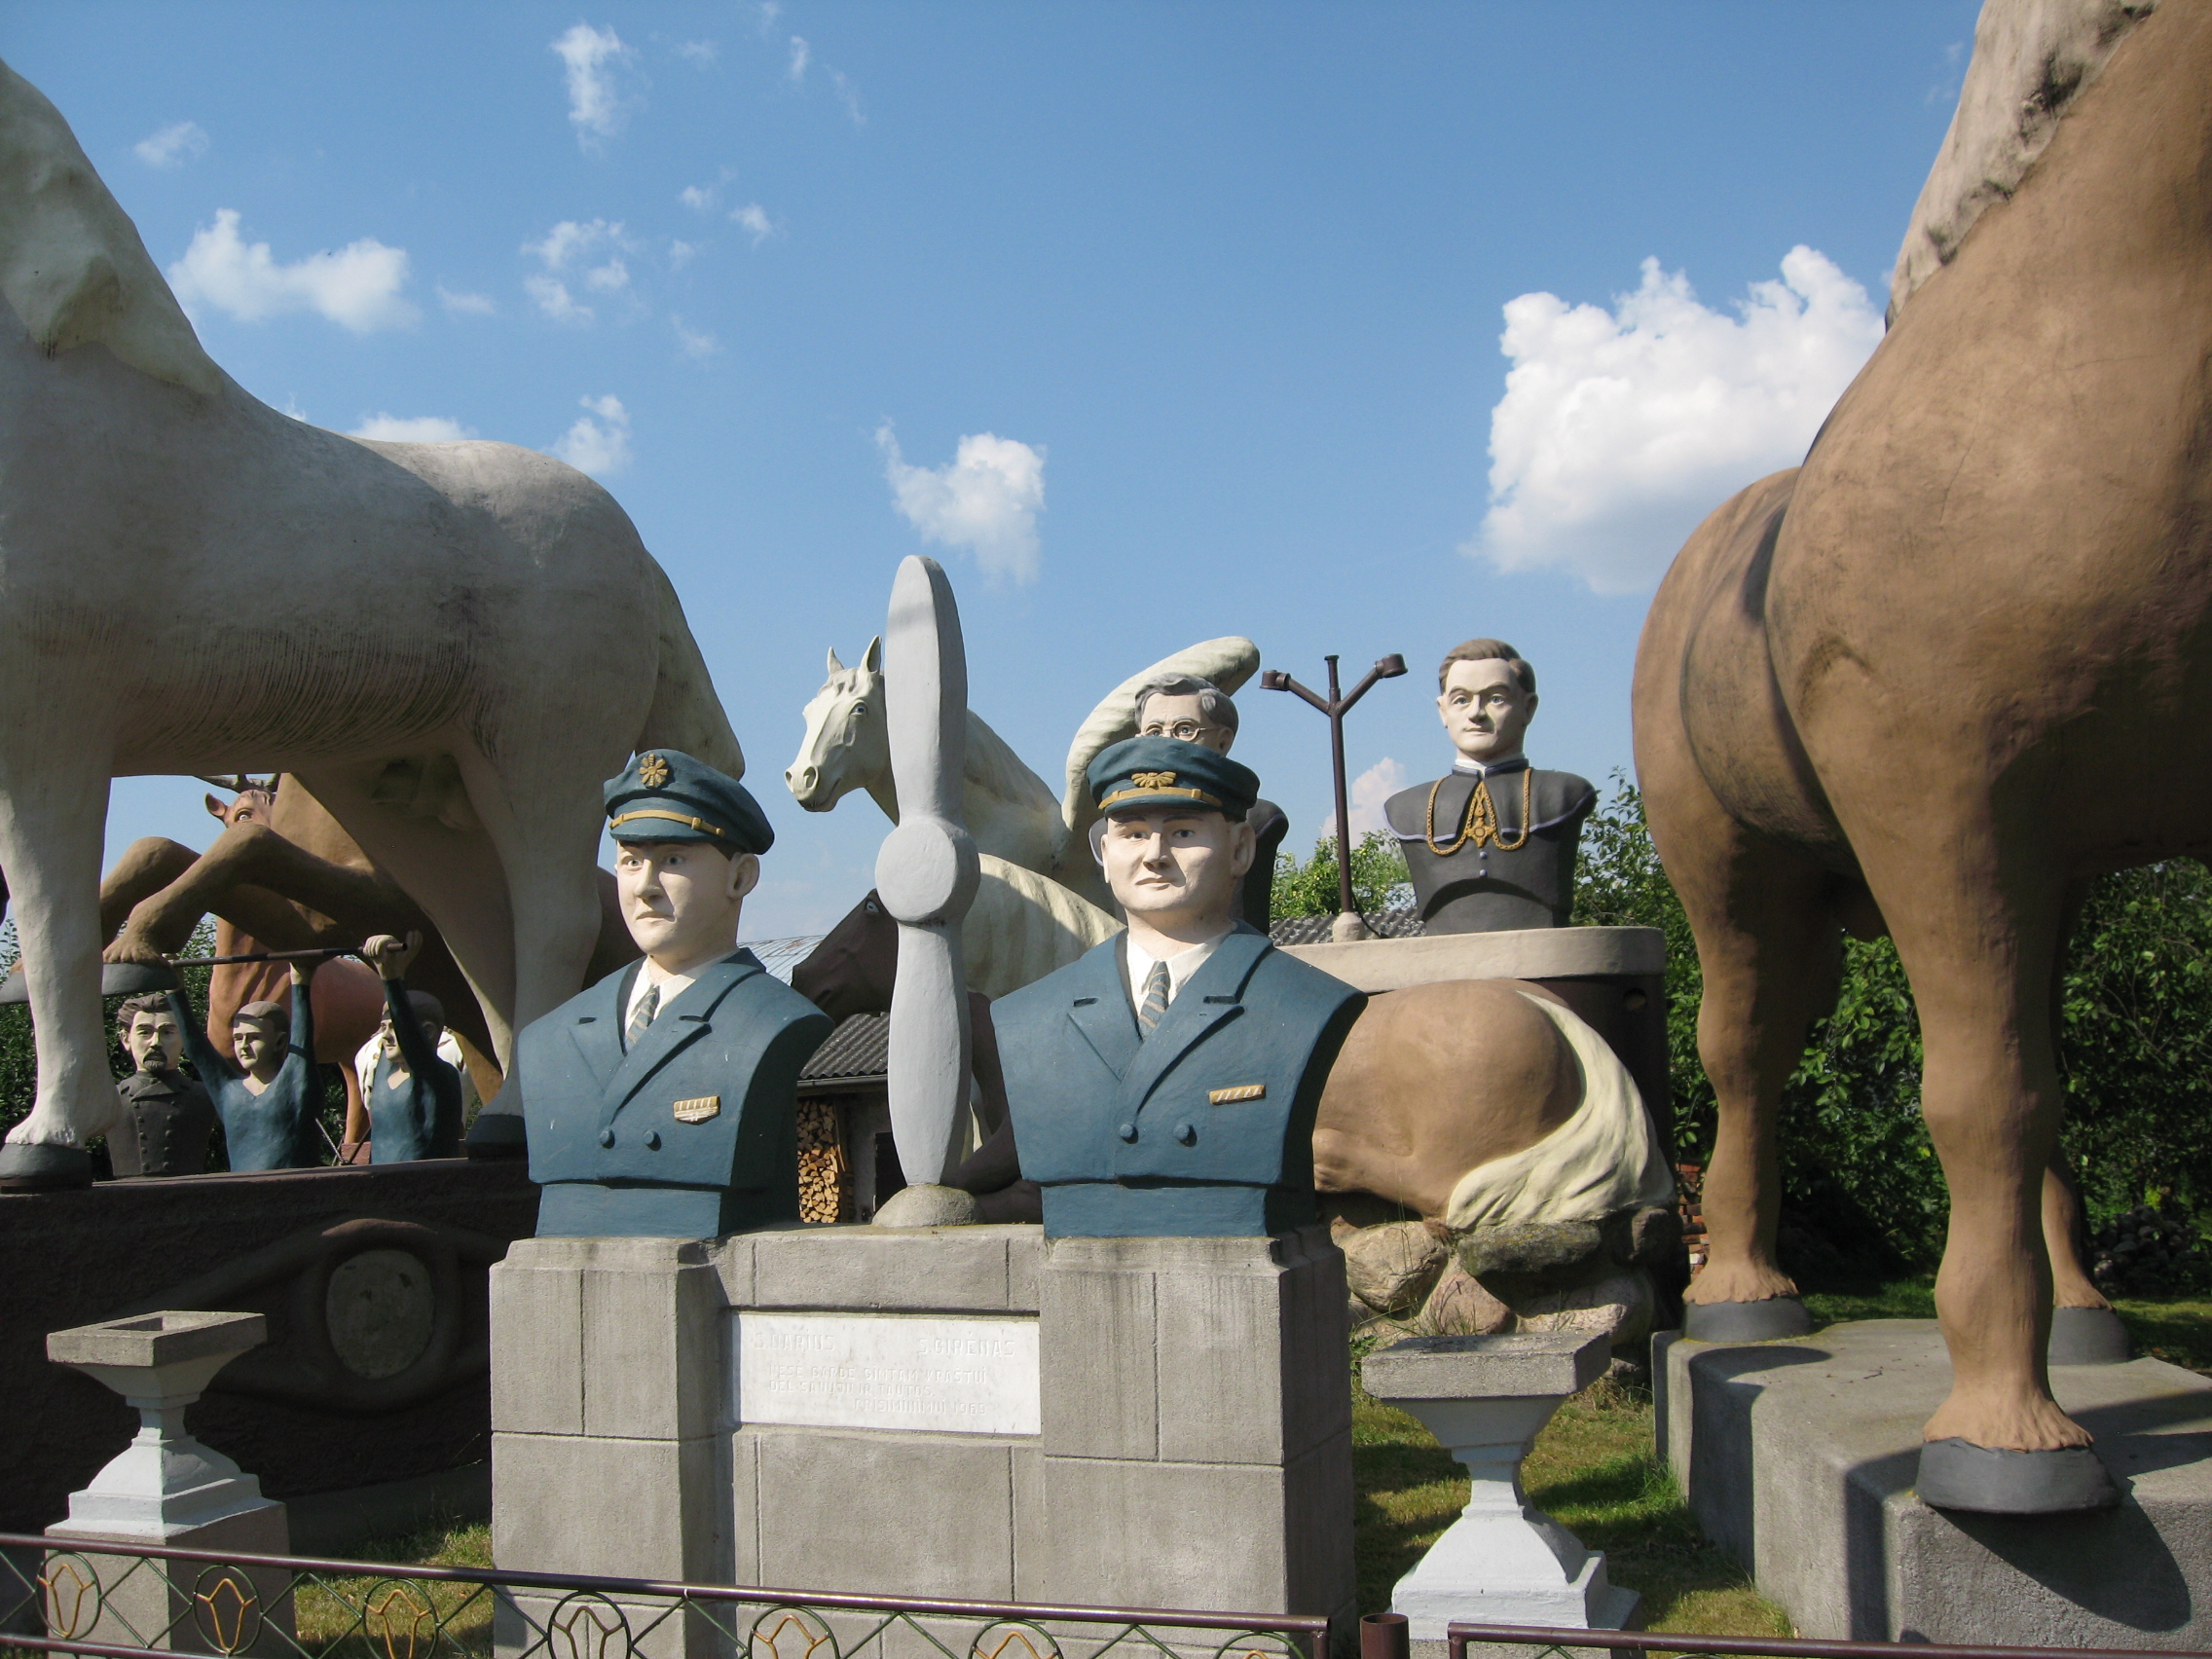 Prano Sederevičiaus skulptūrų ansamblis